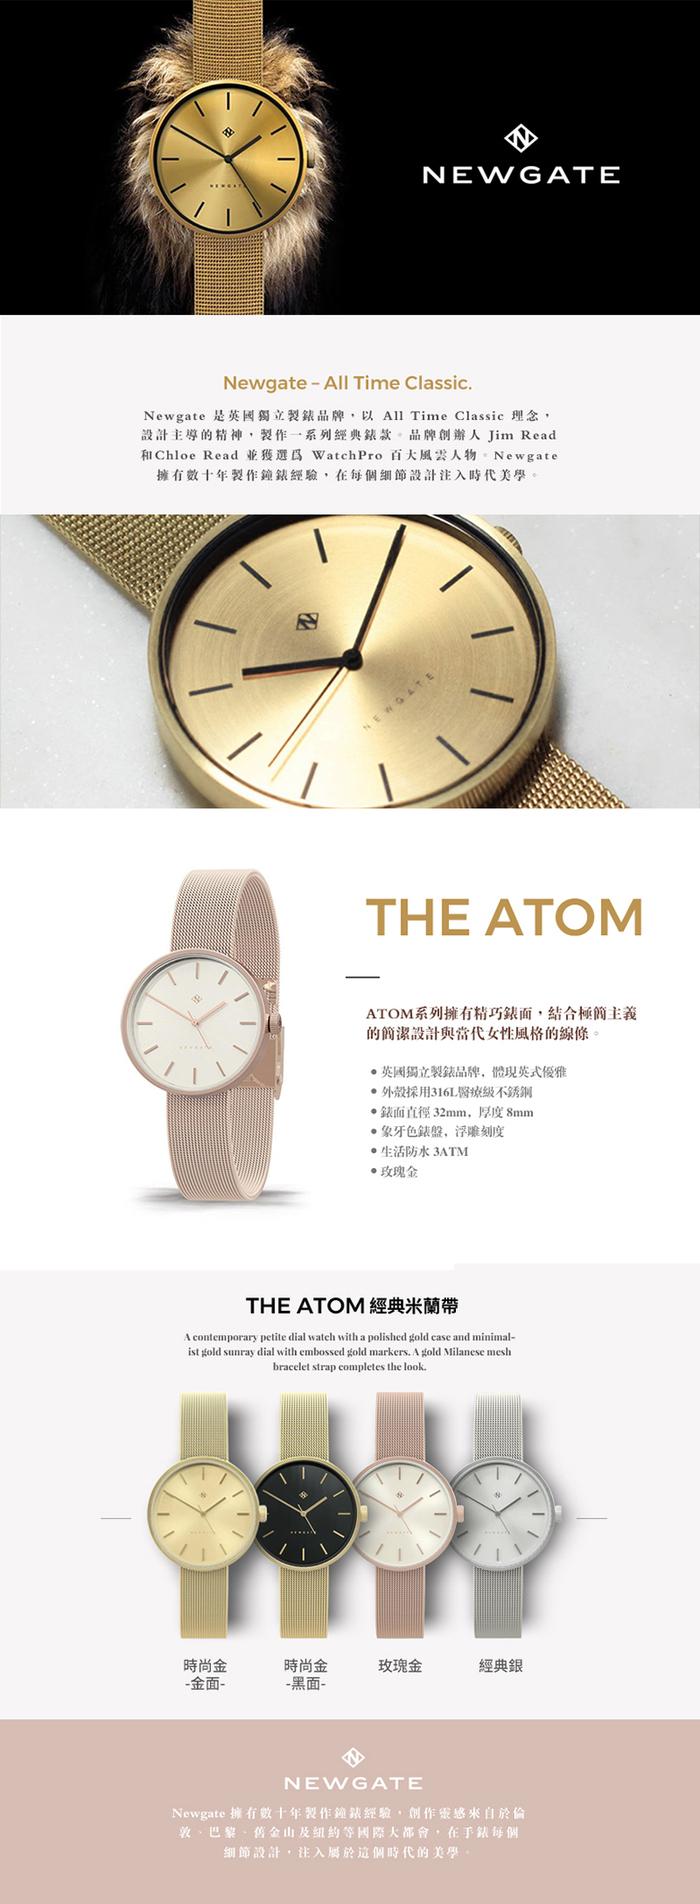 (複製)Newgate   ATOM-時尚金-金色錶面-不鏽鋼米蘭帶-32mm